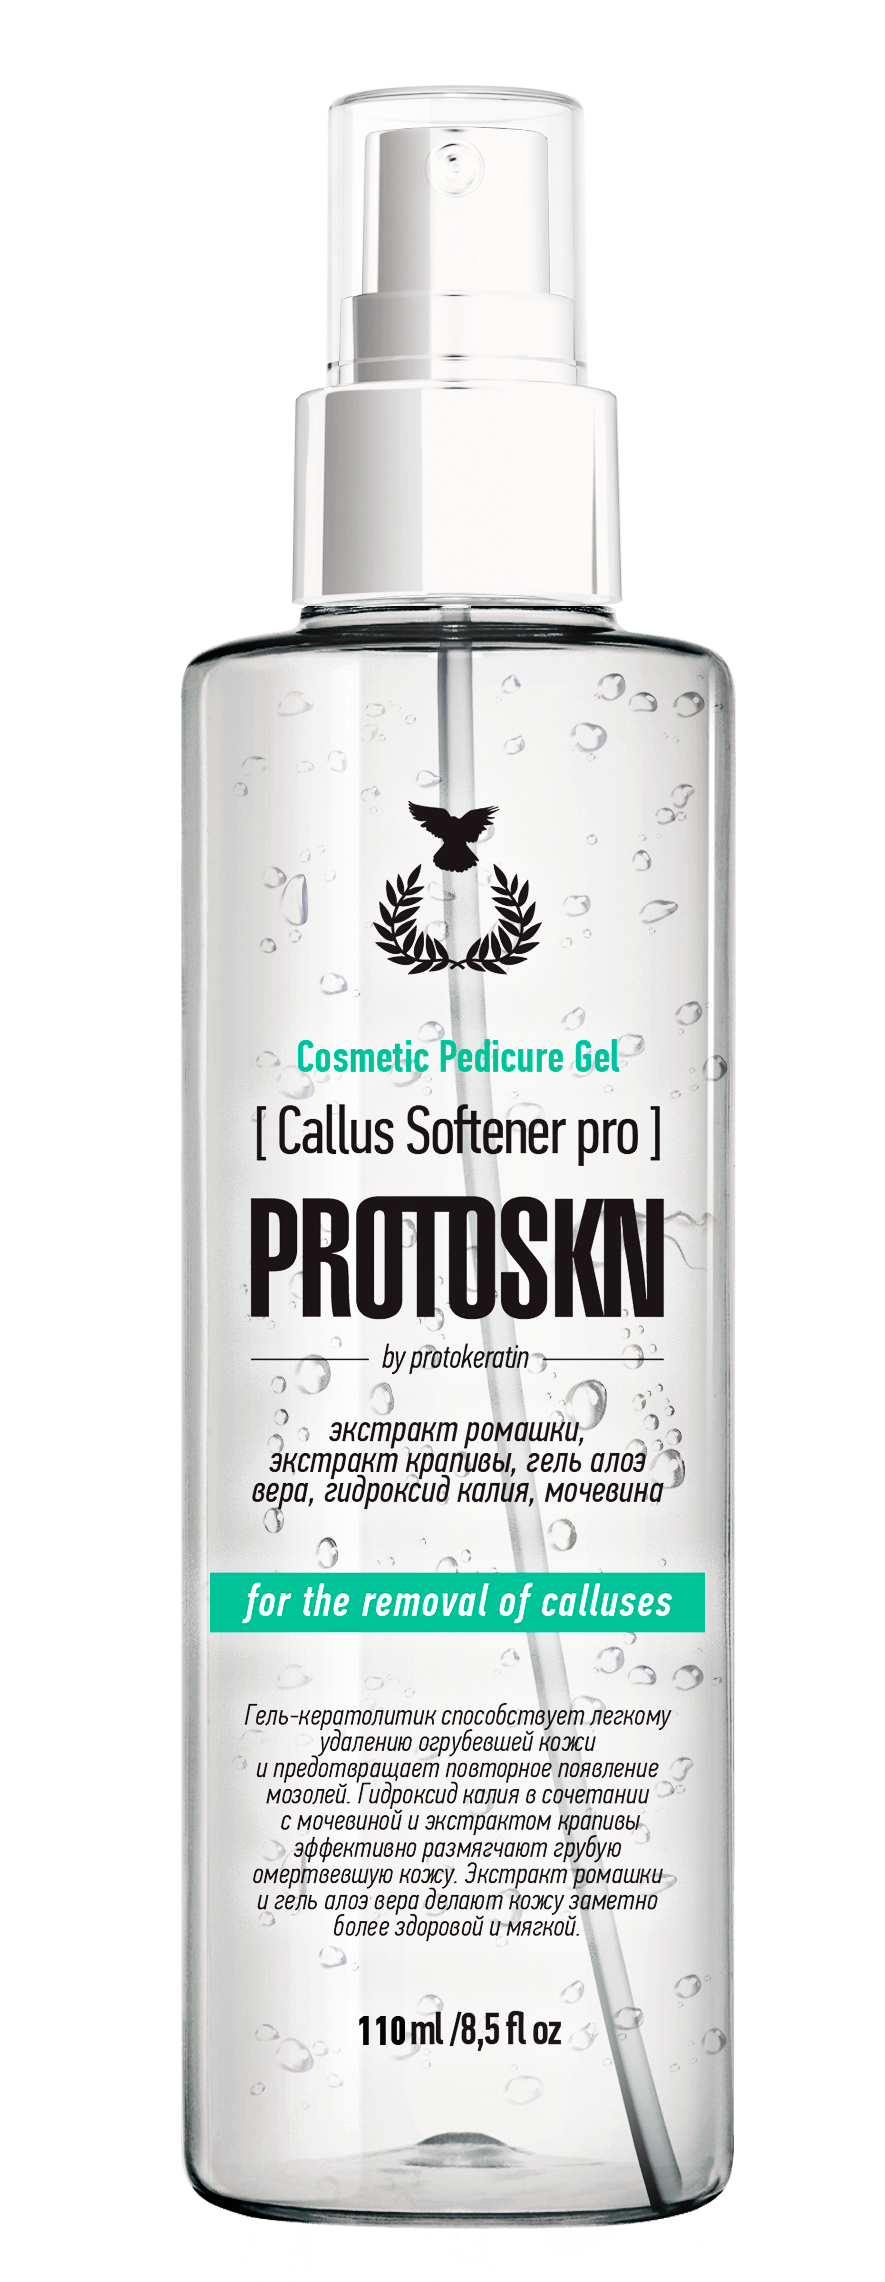 PROTOKERATIN Гель-кератолитик для удаления мозолей и натоптышей / ProtoSKN Callus Softener 110 мл - Размягчители для педикюра